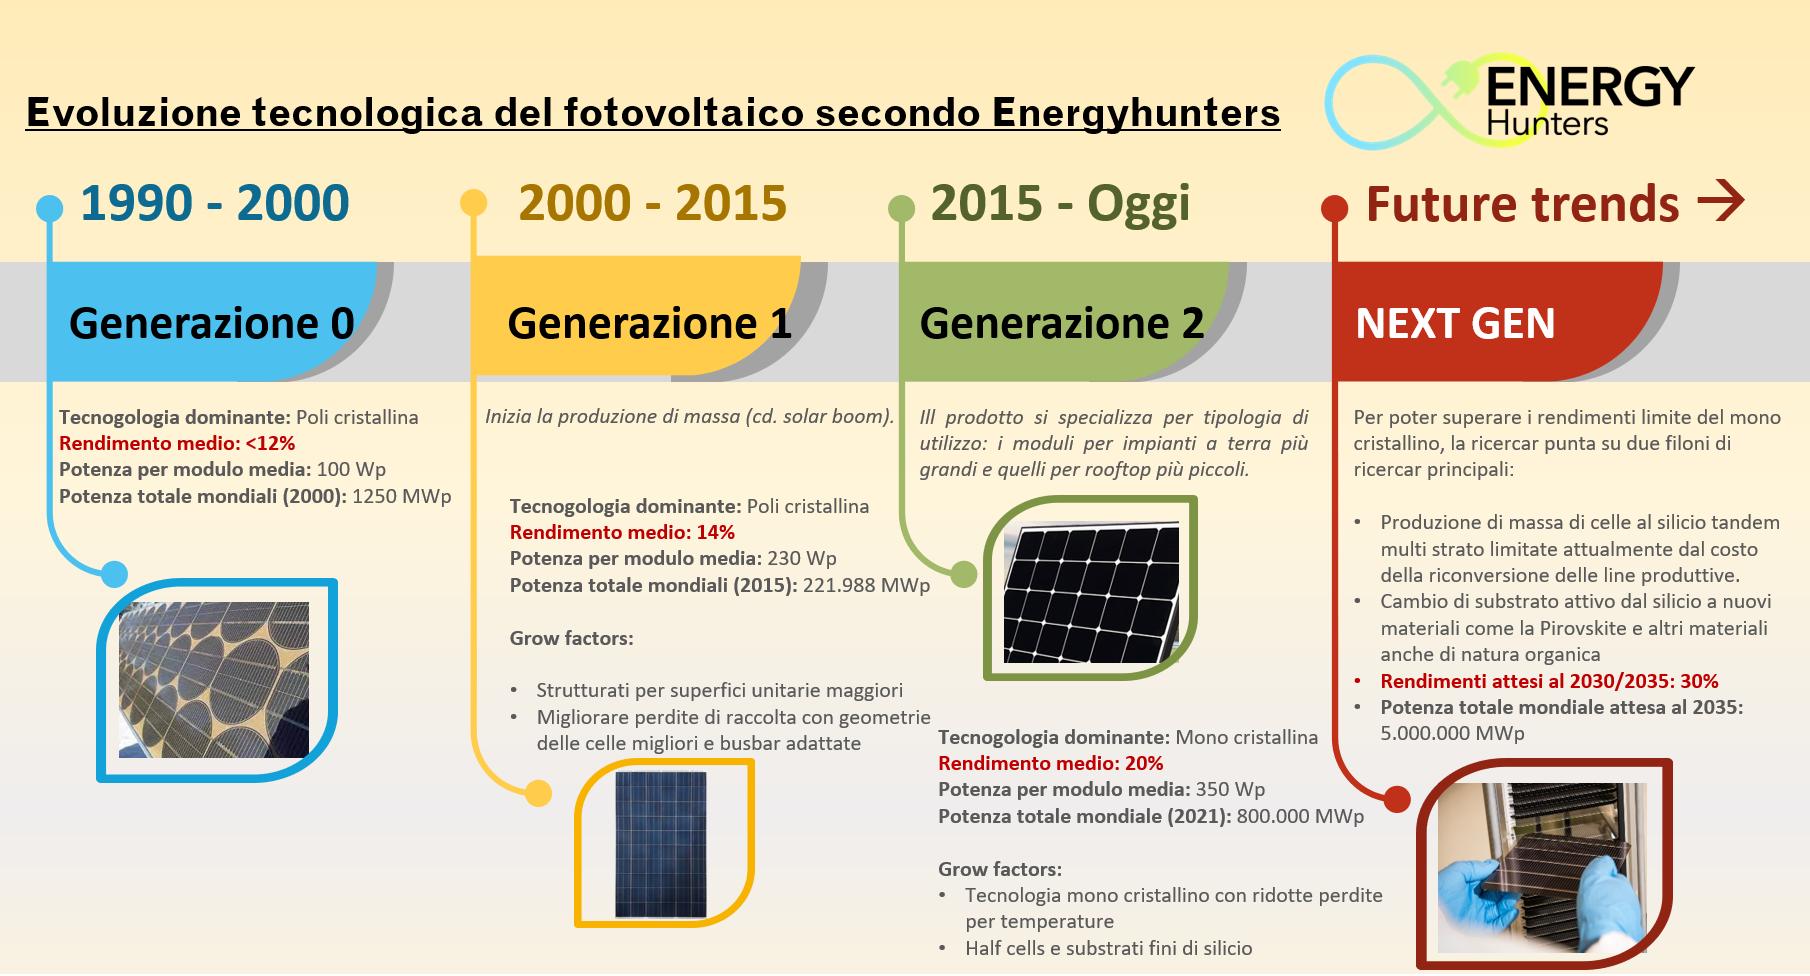 Cronistoria del fotovoltaico dal 1990 in avanti